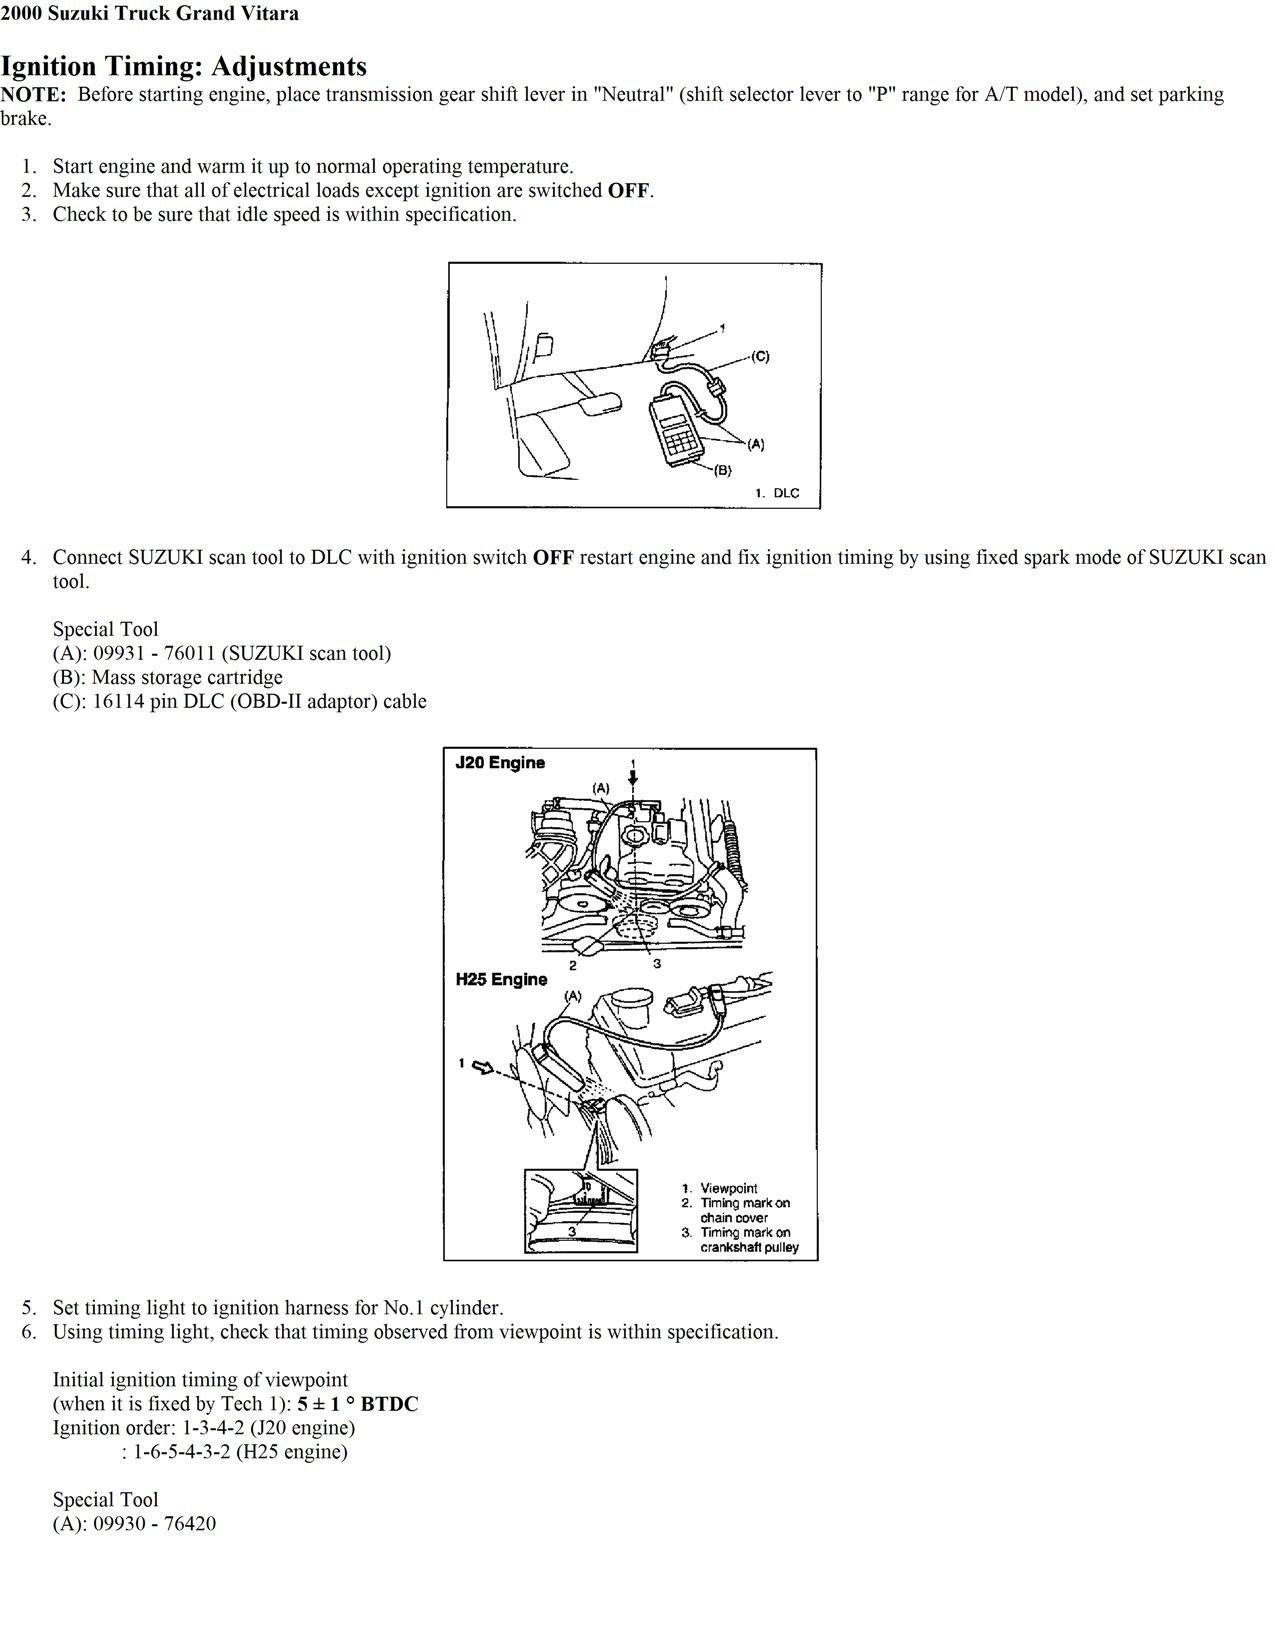 wiring diagram suzuki h20a data wiring diagram schematic 1995 Suzuki Wiring-Diagram wiring diagram suzuki h20a manual e books suzuki dr 200 wiring diagram wiring diagram suzuki h20a